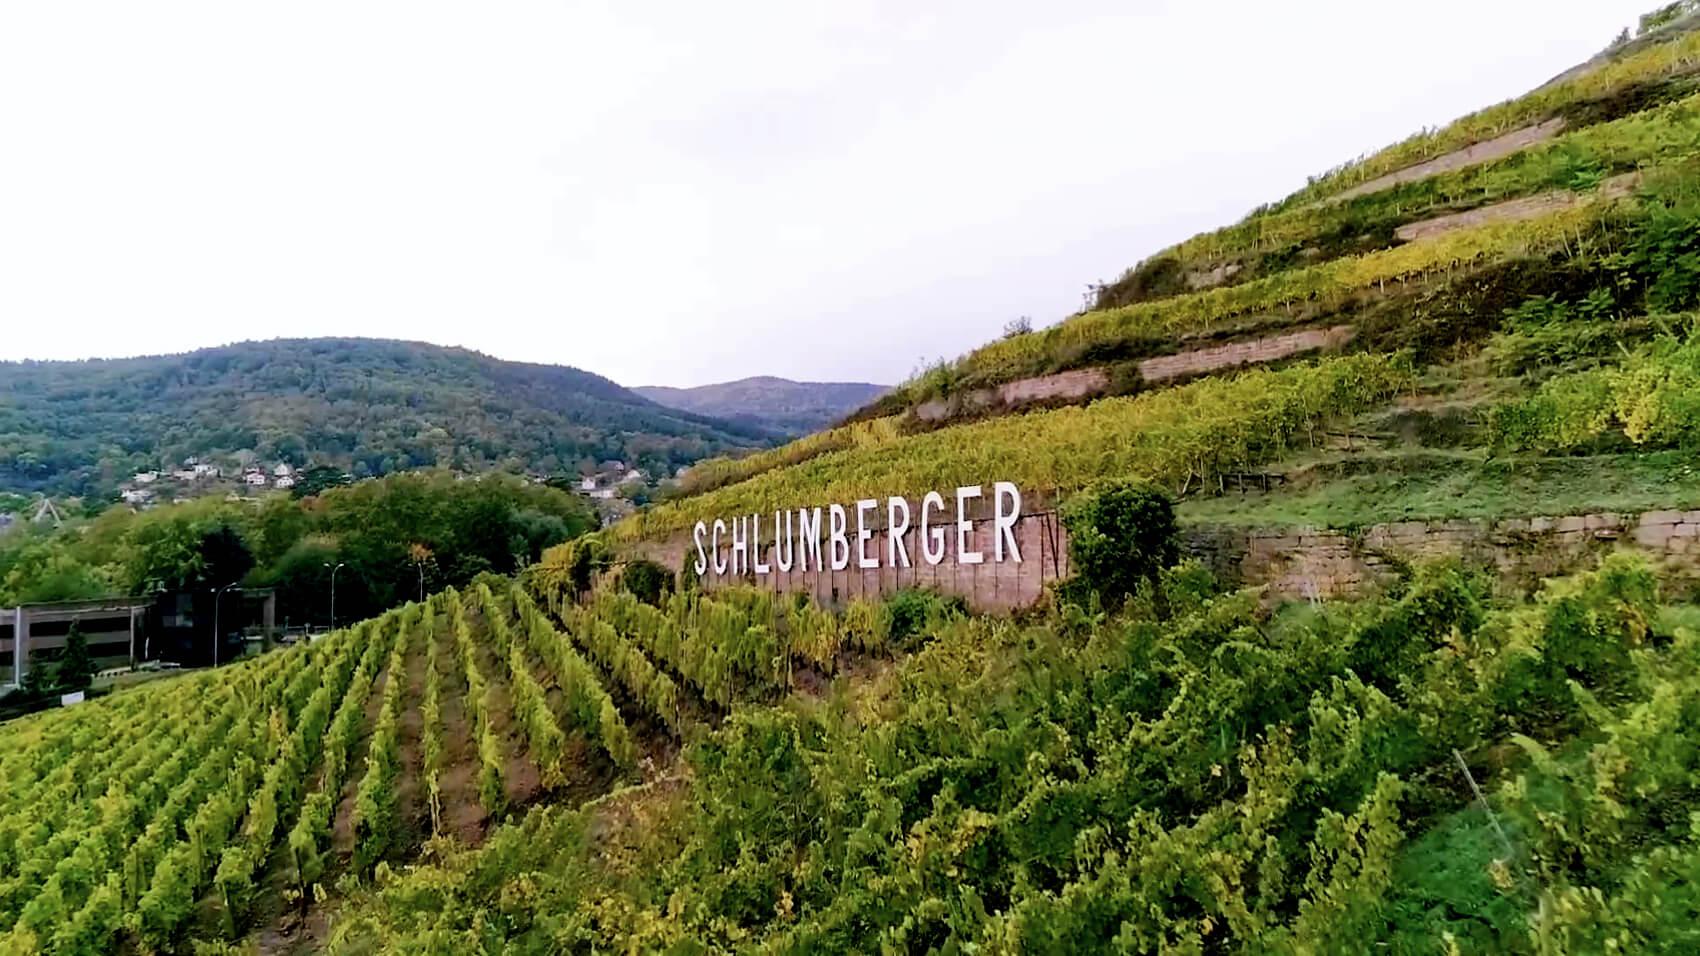 Côteaux des domaines Schlumberger (c)DR